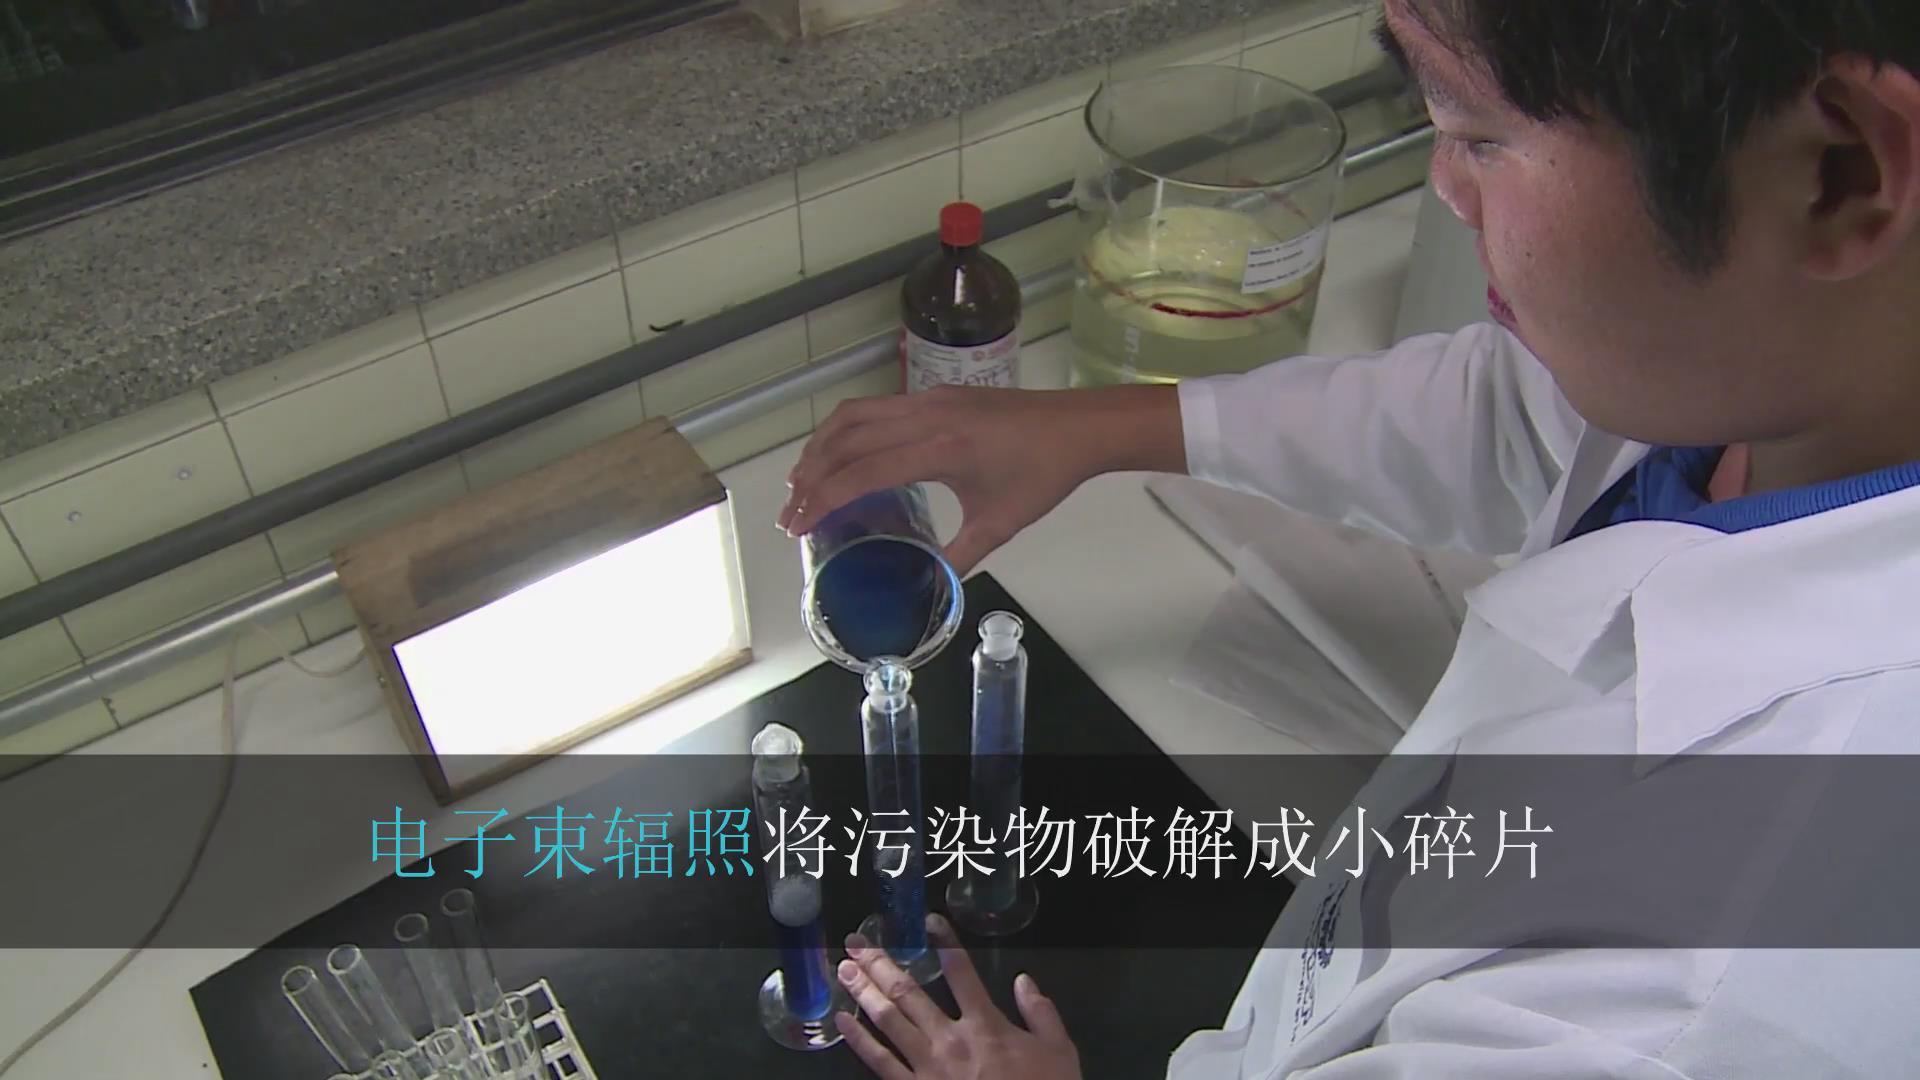 核科学促进可持续发展目标:清洁水和卫生